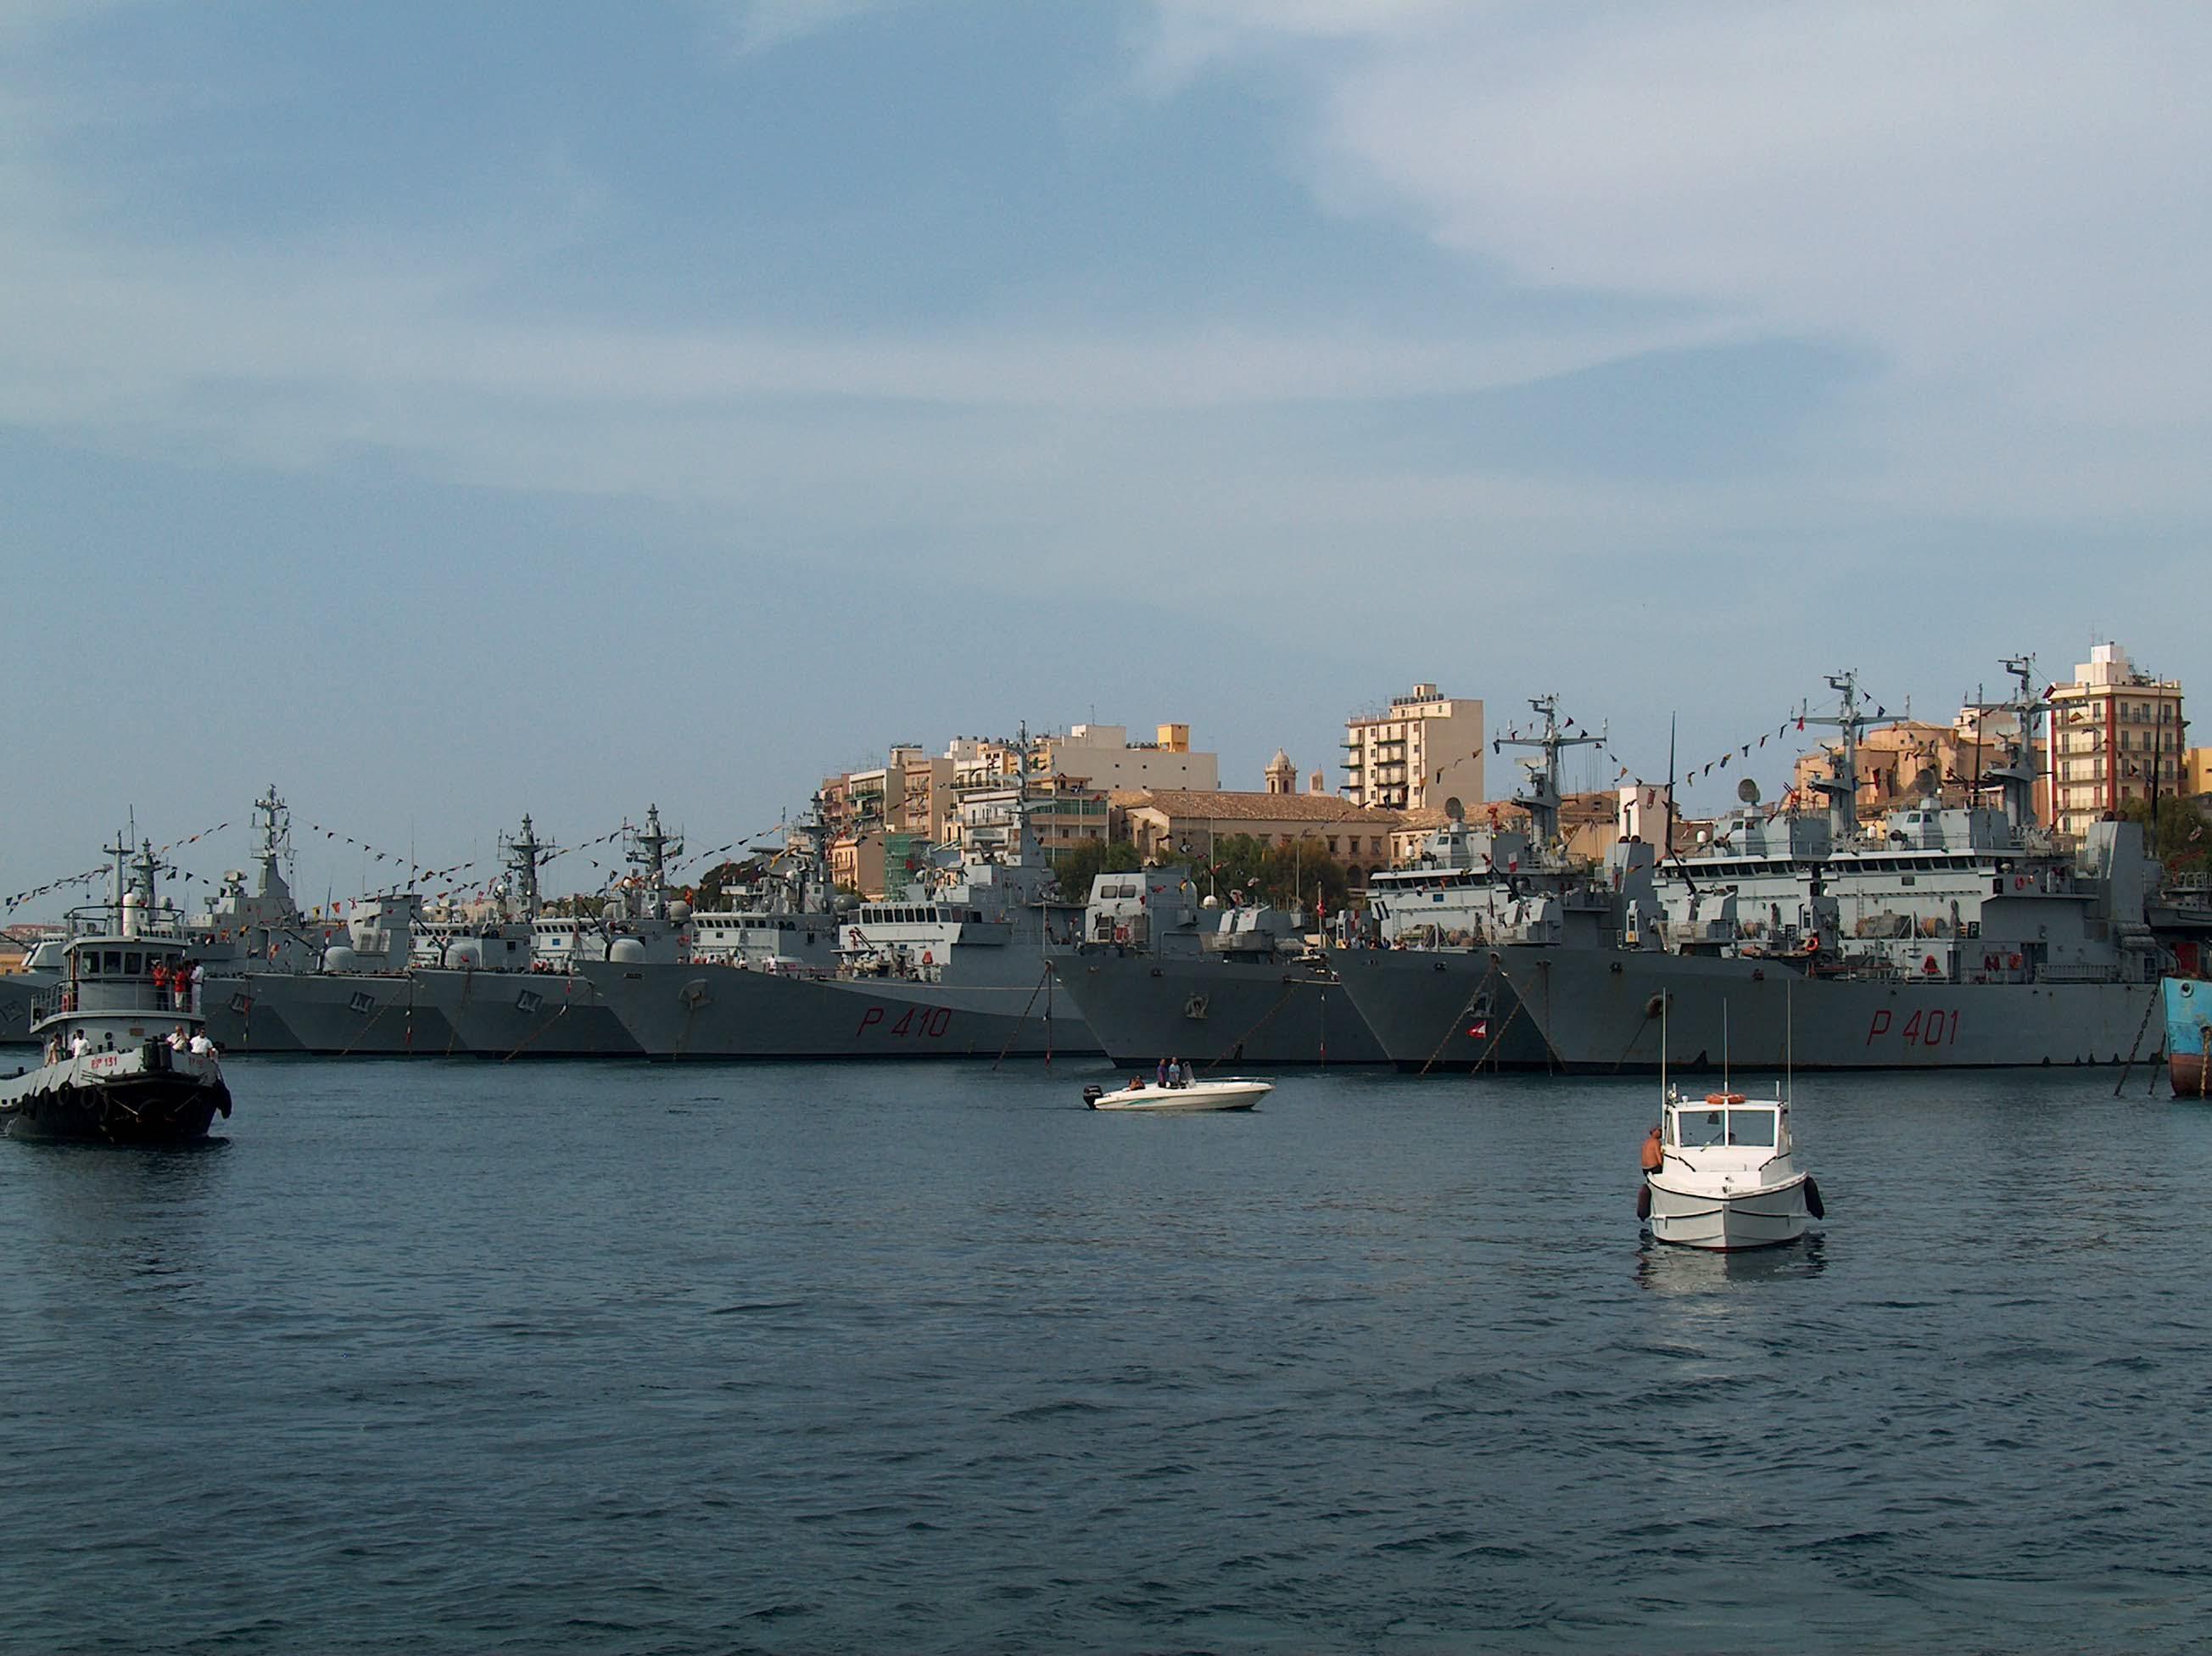 Arsenale militare marittimo di Augusta - Wikipedia